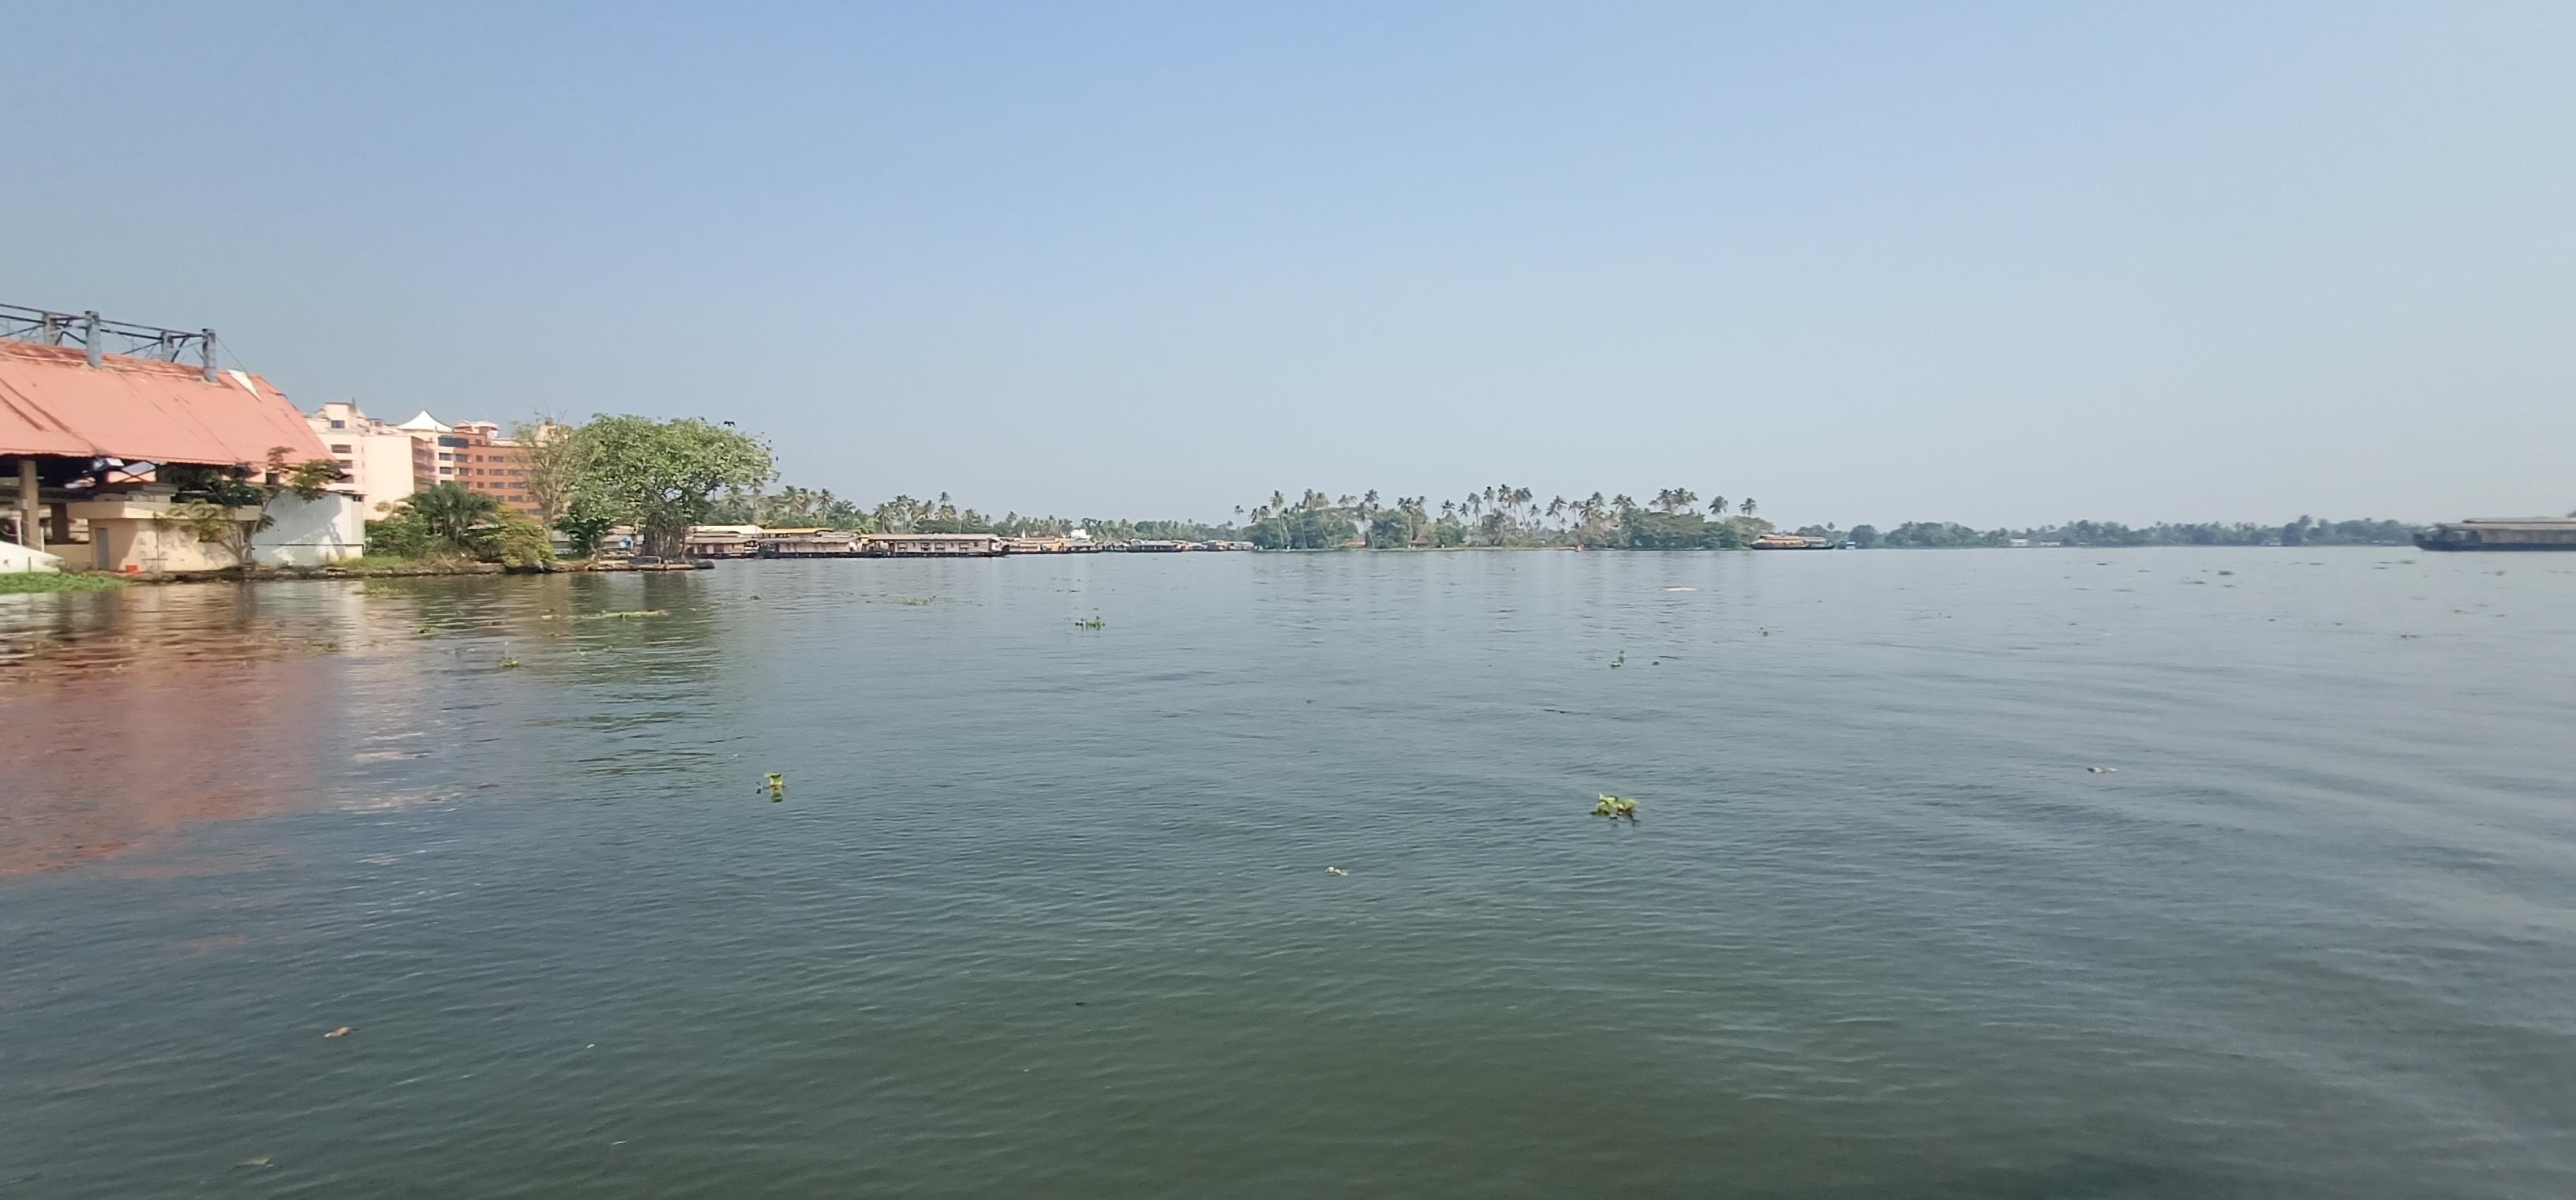 Alleppy_Backwaters_Kerala_4